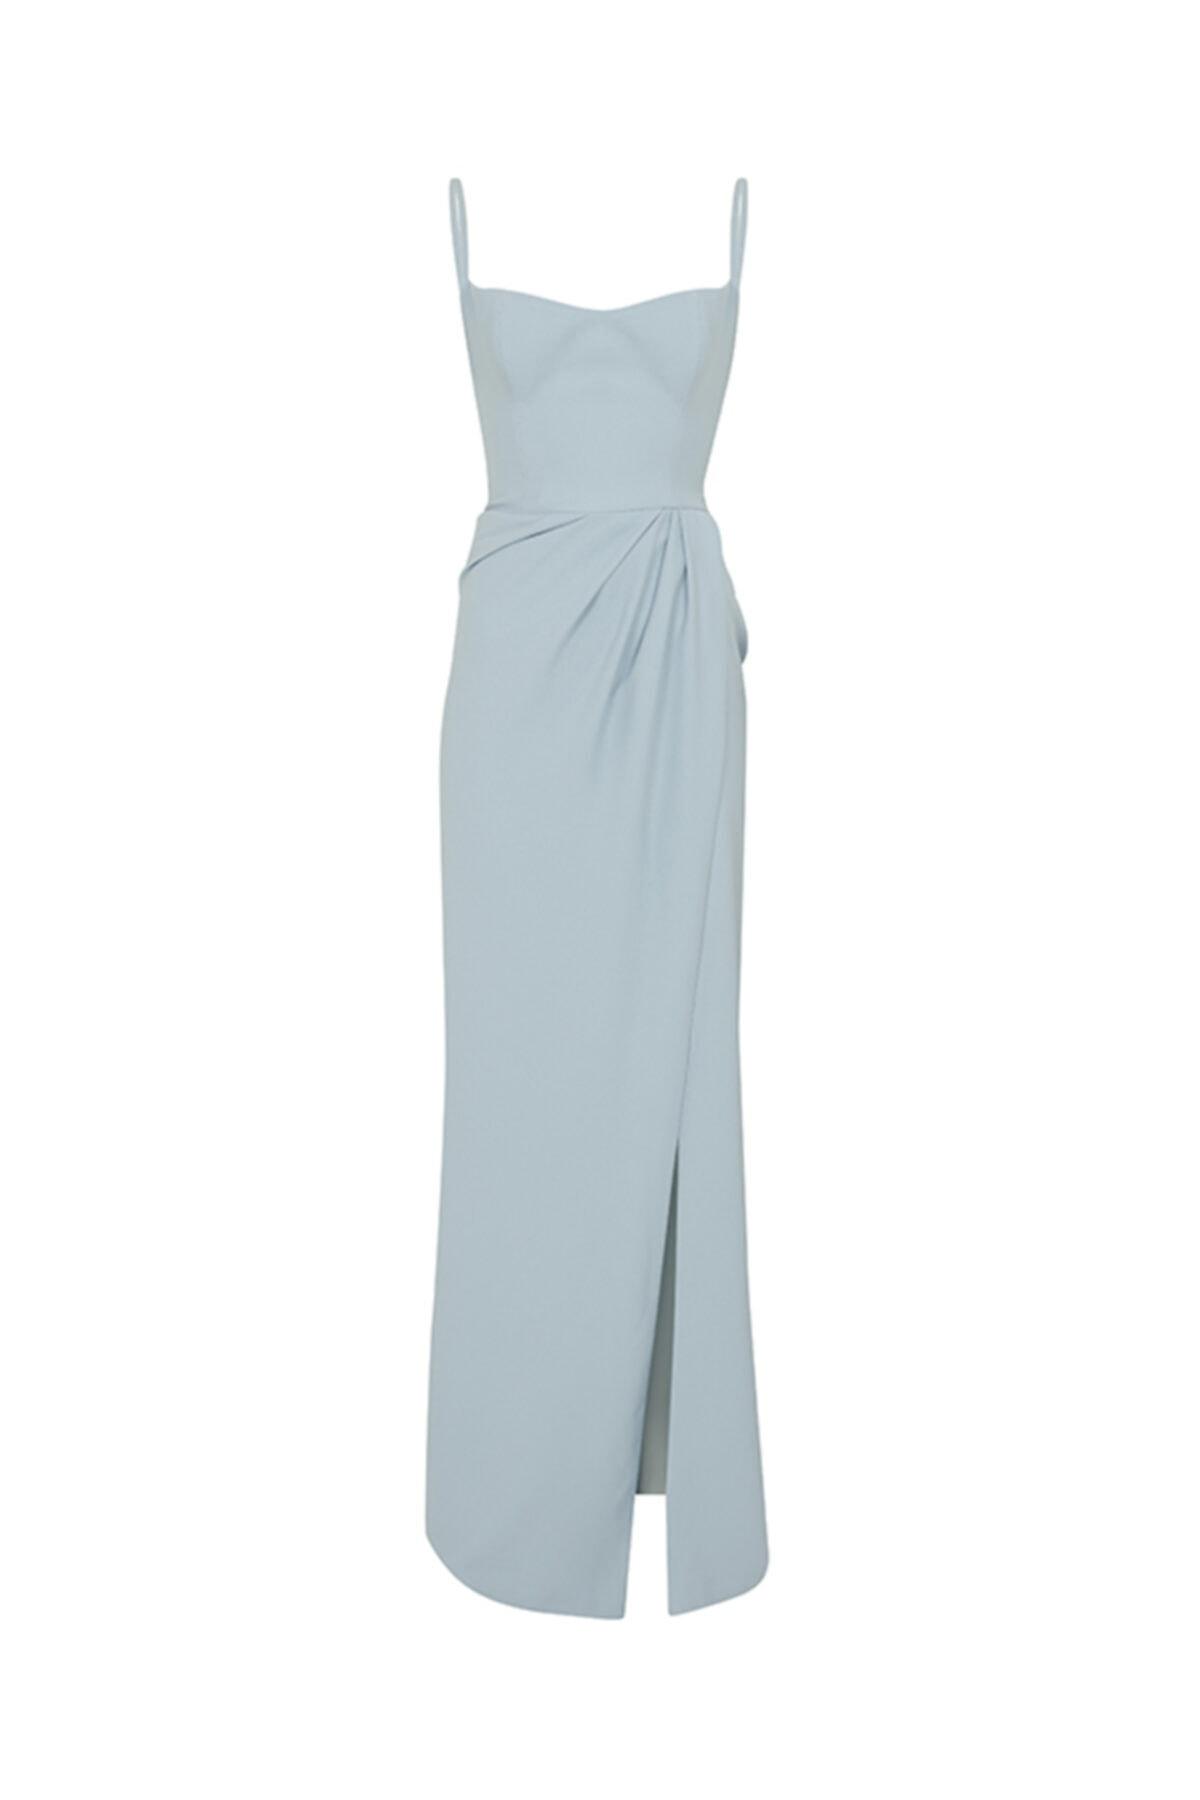 SAGAZA X ILKNUR Kadın Mavi Askılı Yırtmaçlı Elbise 1